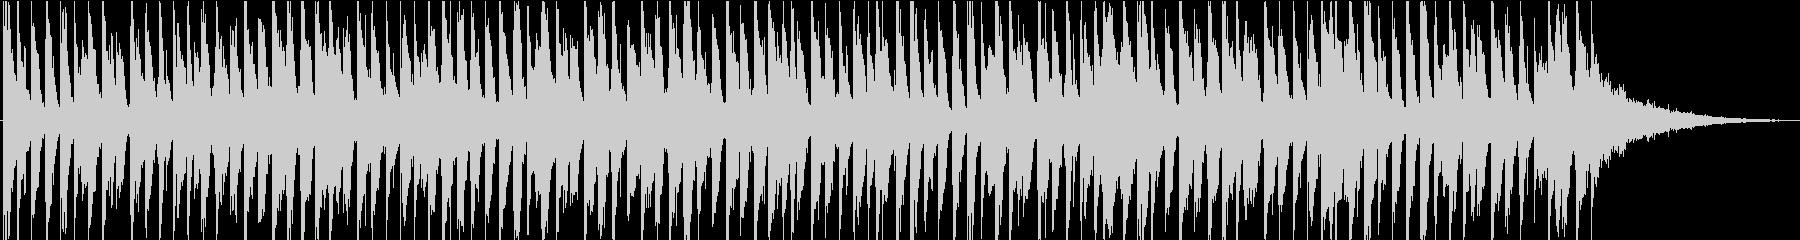 クールなロードとピアノのパートが入...の未再生の波形